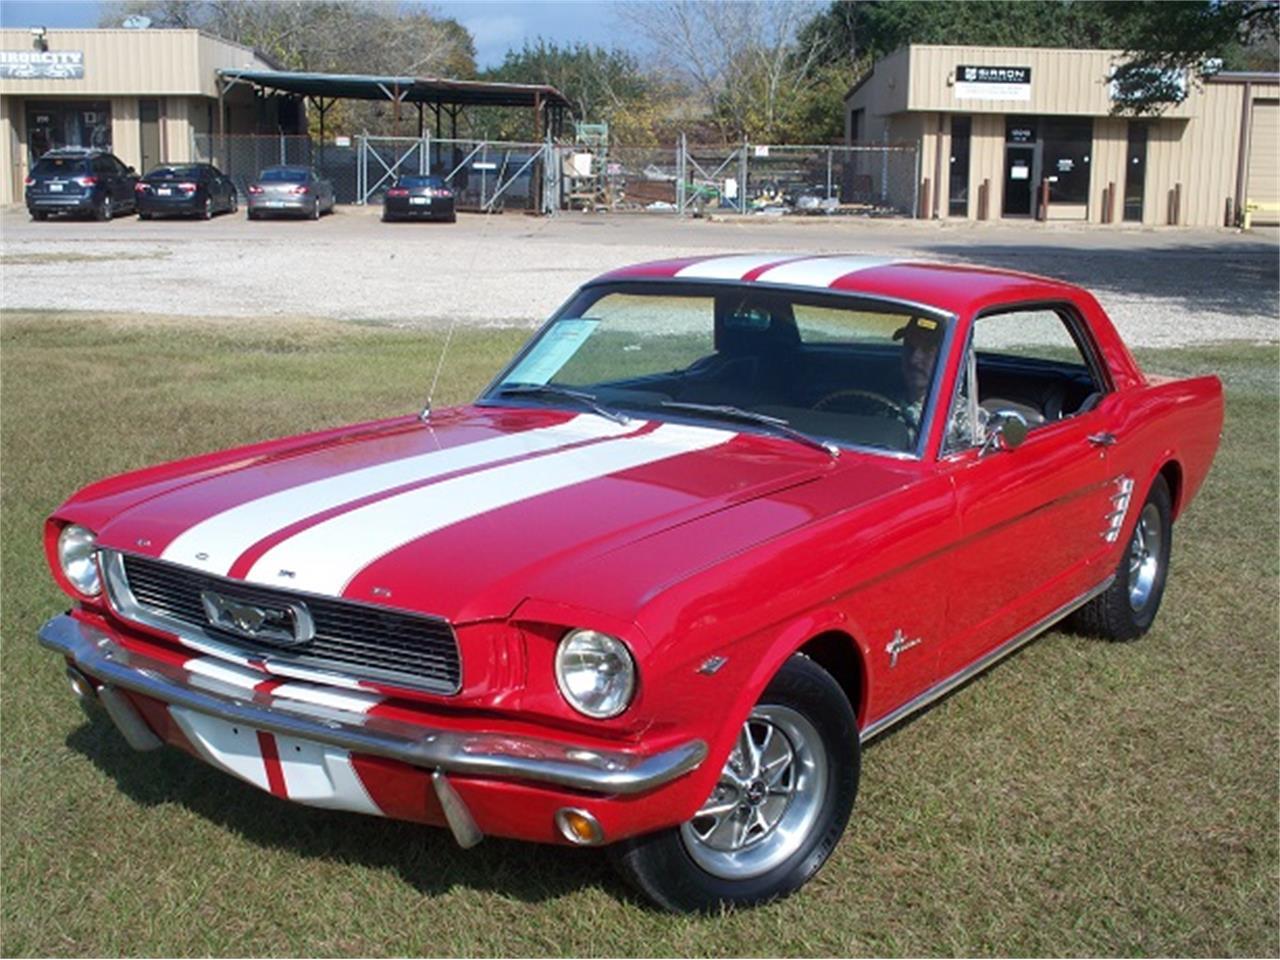 1966 Ford Mustang For Sale >> 1966 Ford Mustang For Sale Classiccars Com Cc 1064085